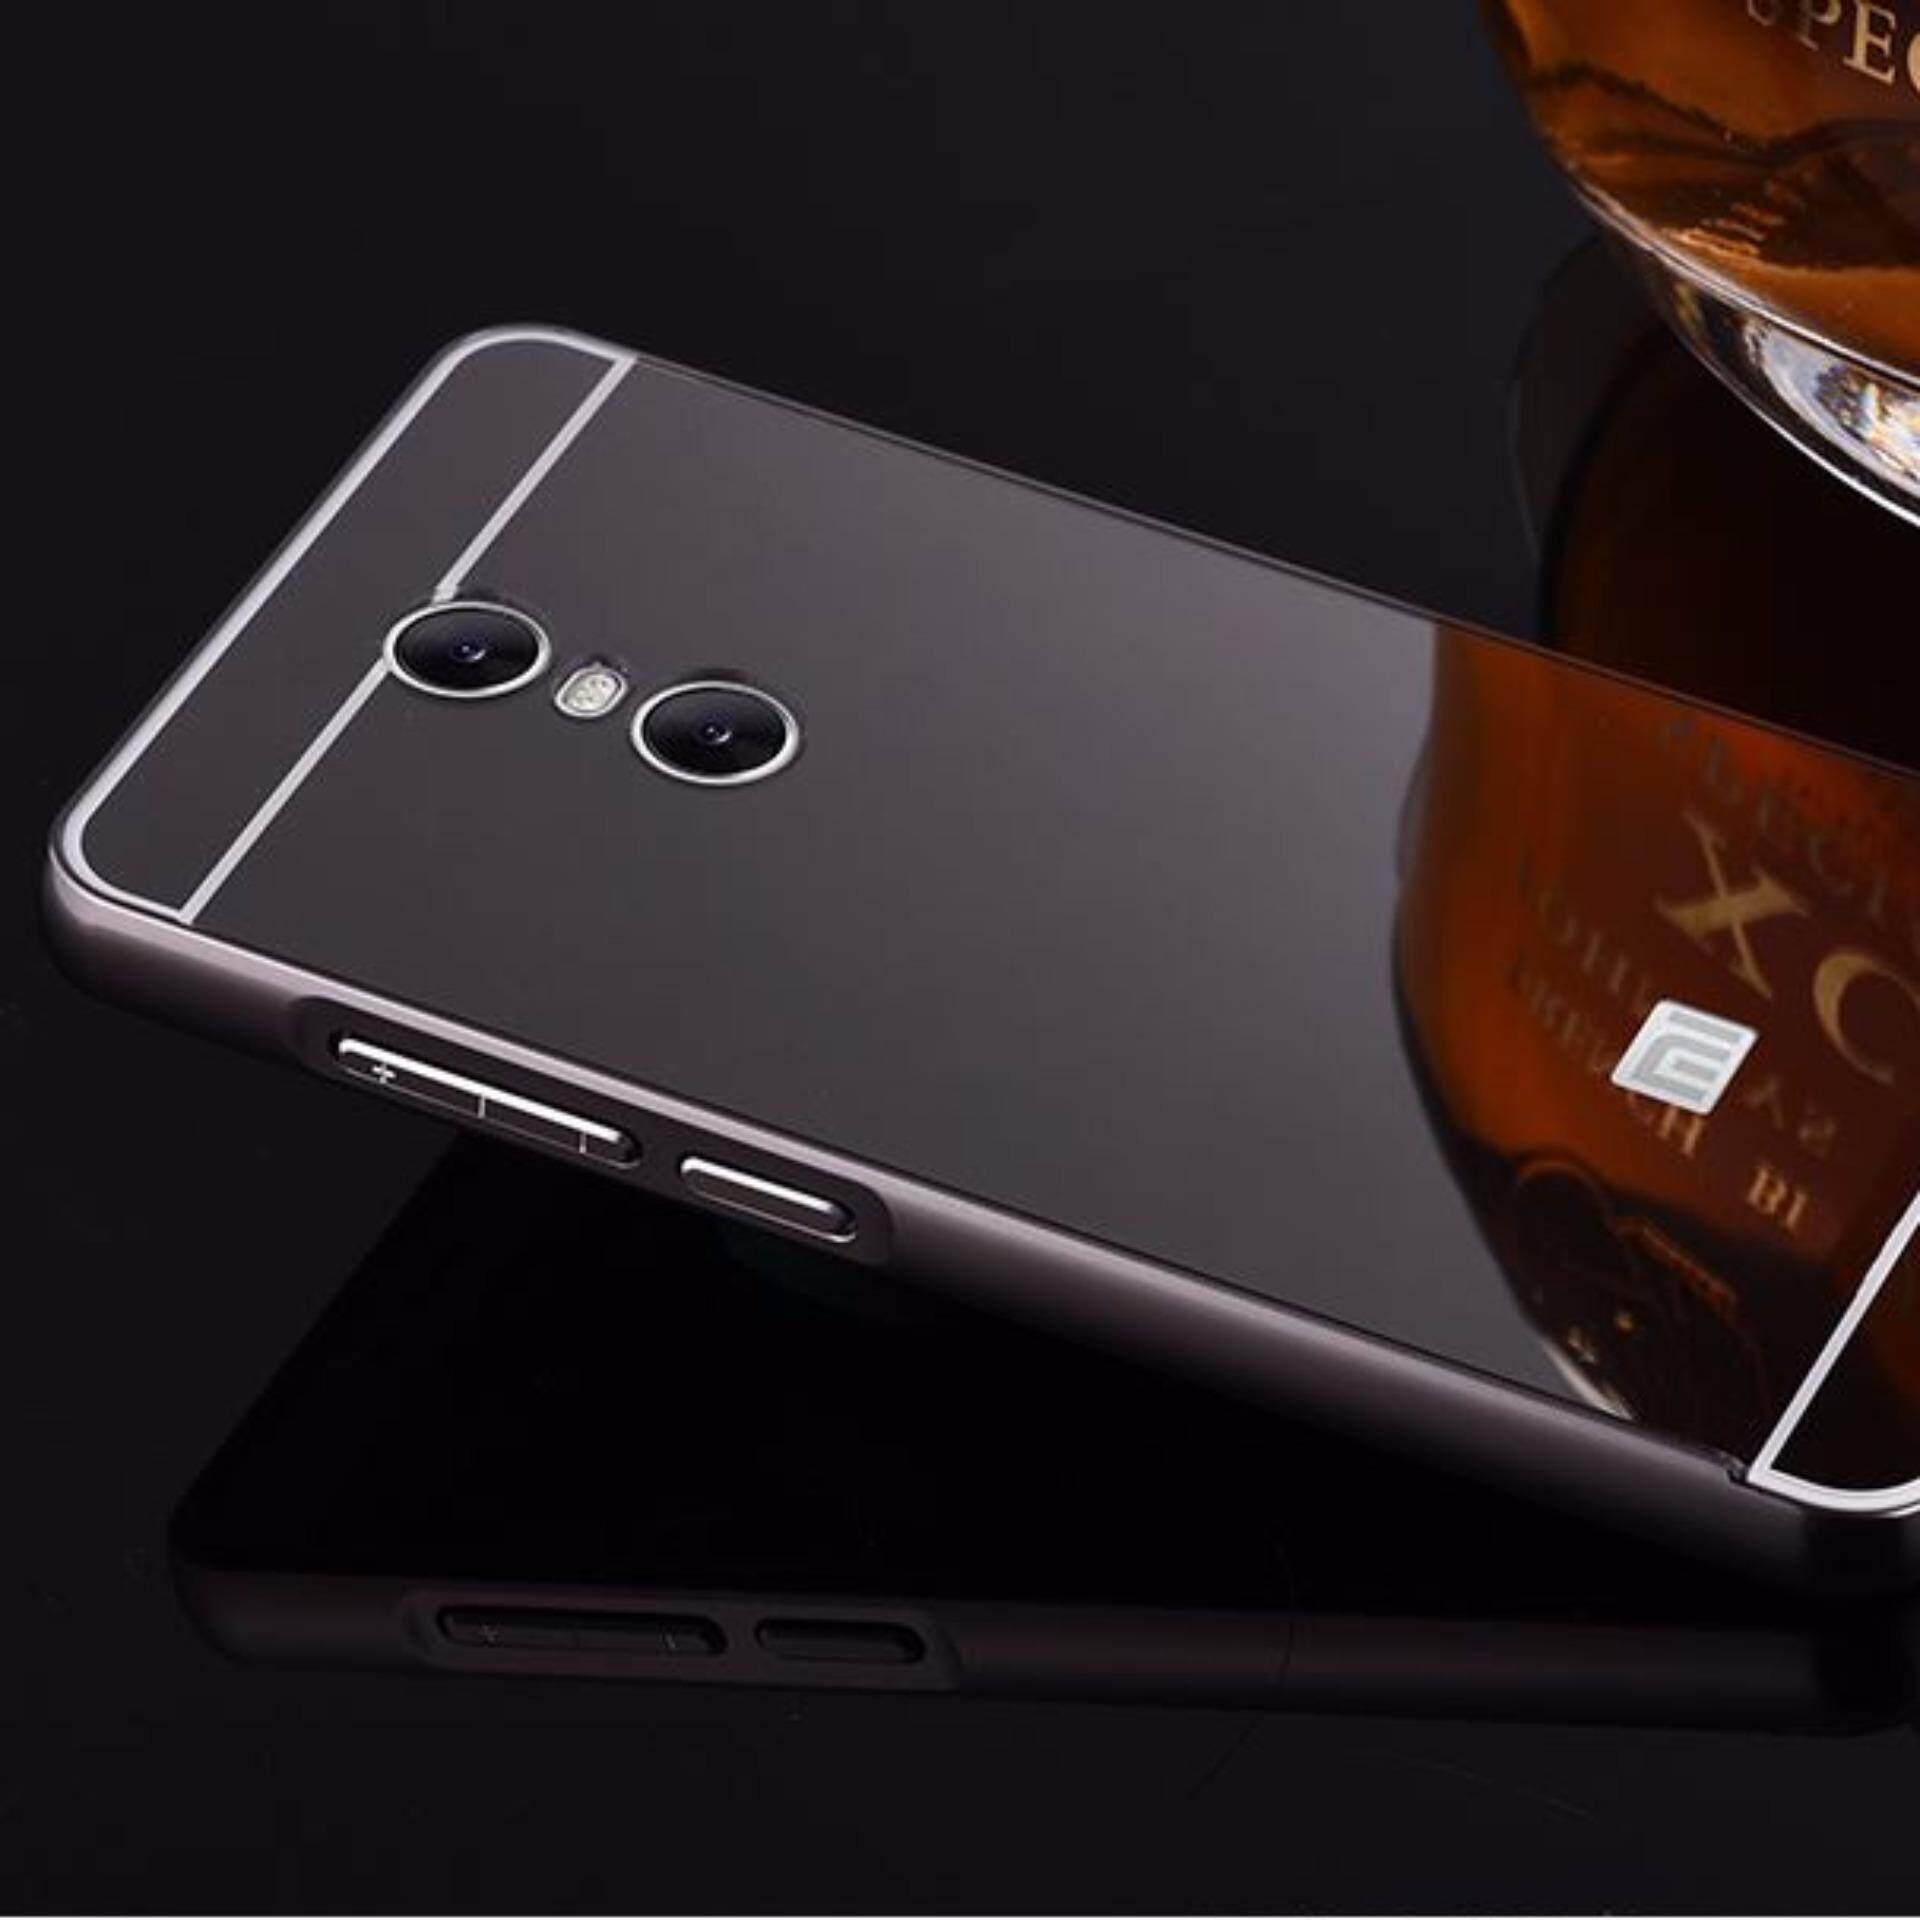 Note3/note3 Redmi phone case. Source · For Xiaomi Redmi Note 4X Slim Aluminum